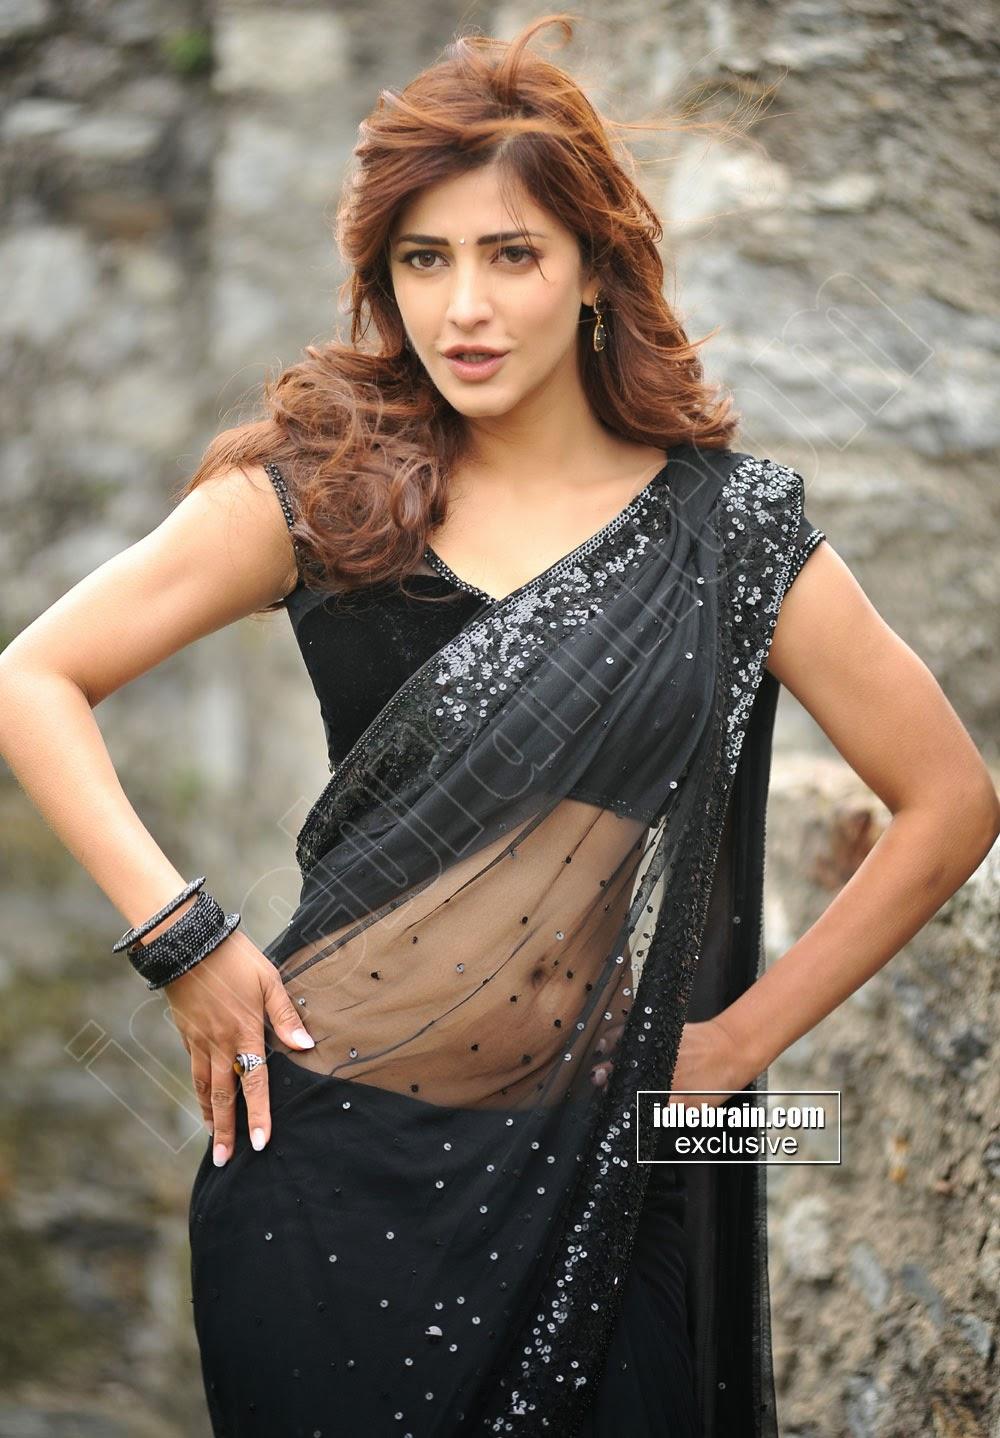 actress shruthi hassan hot navel show in transperent saree